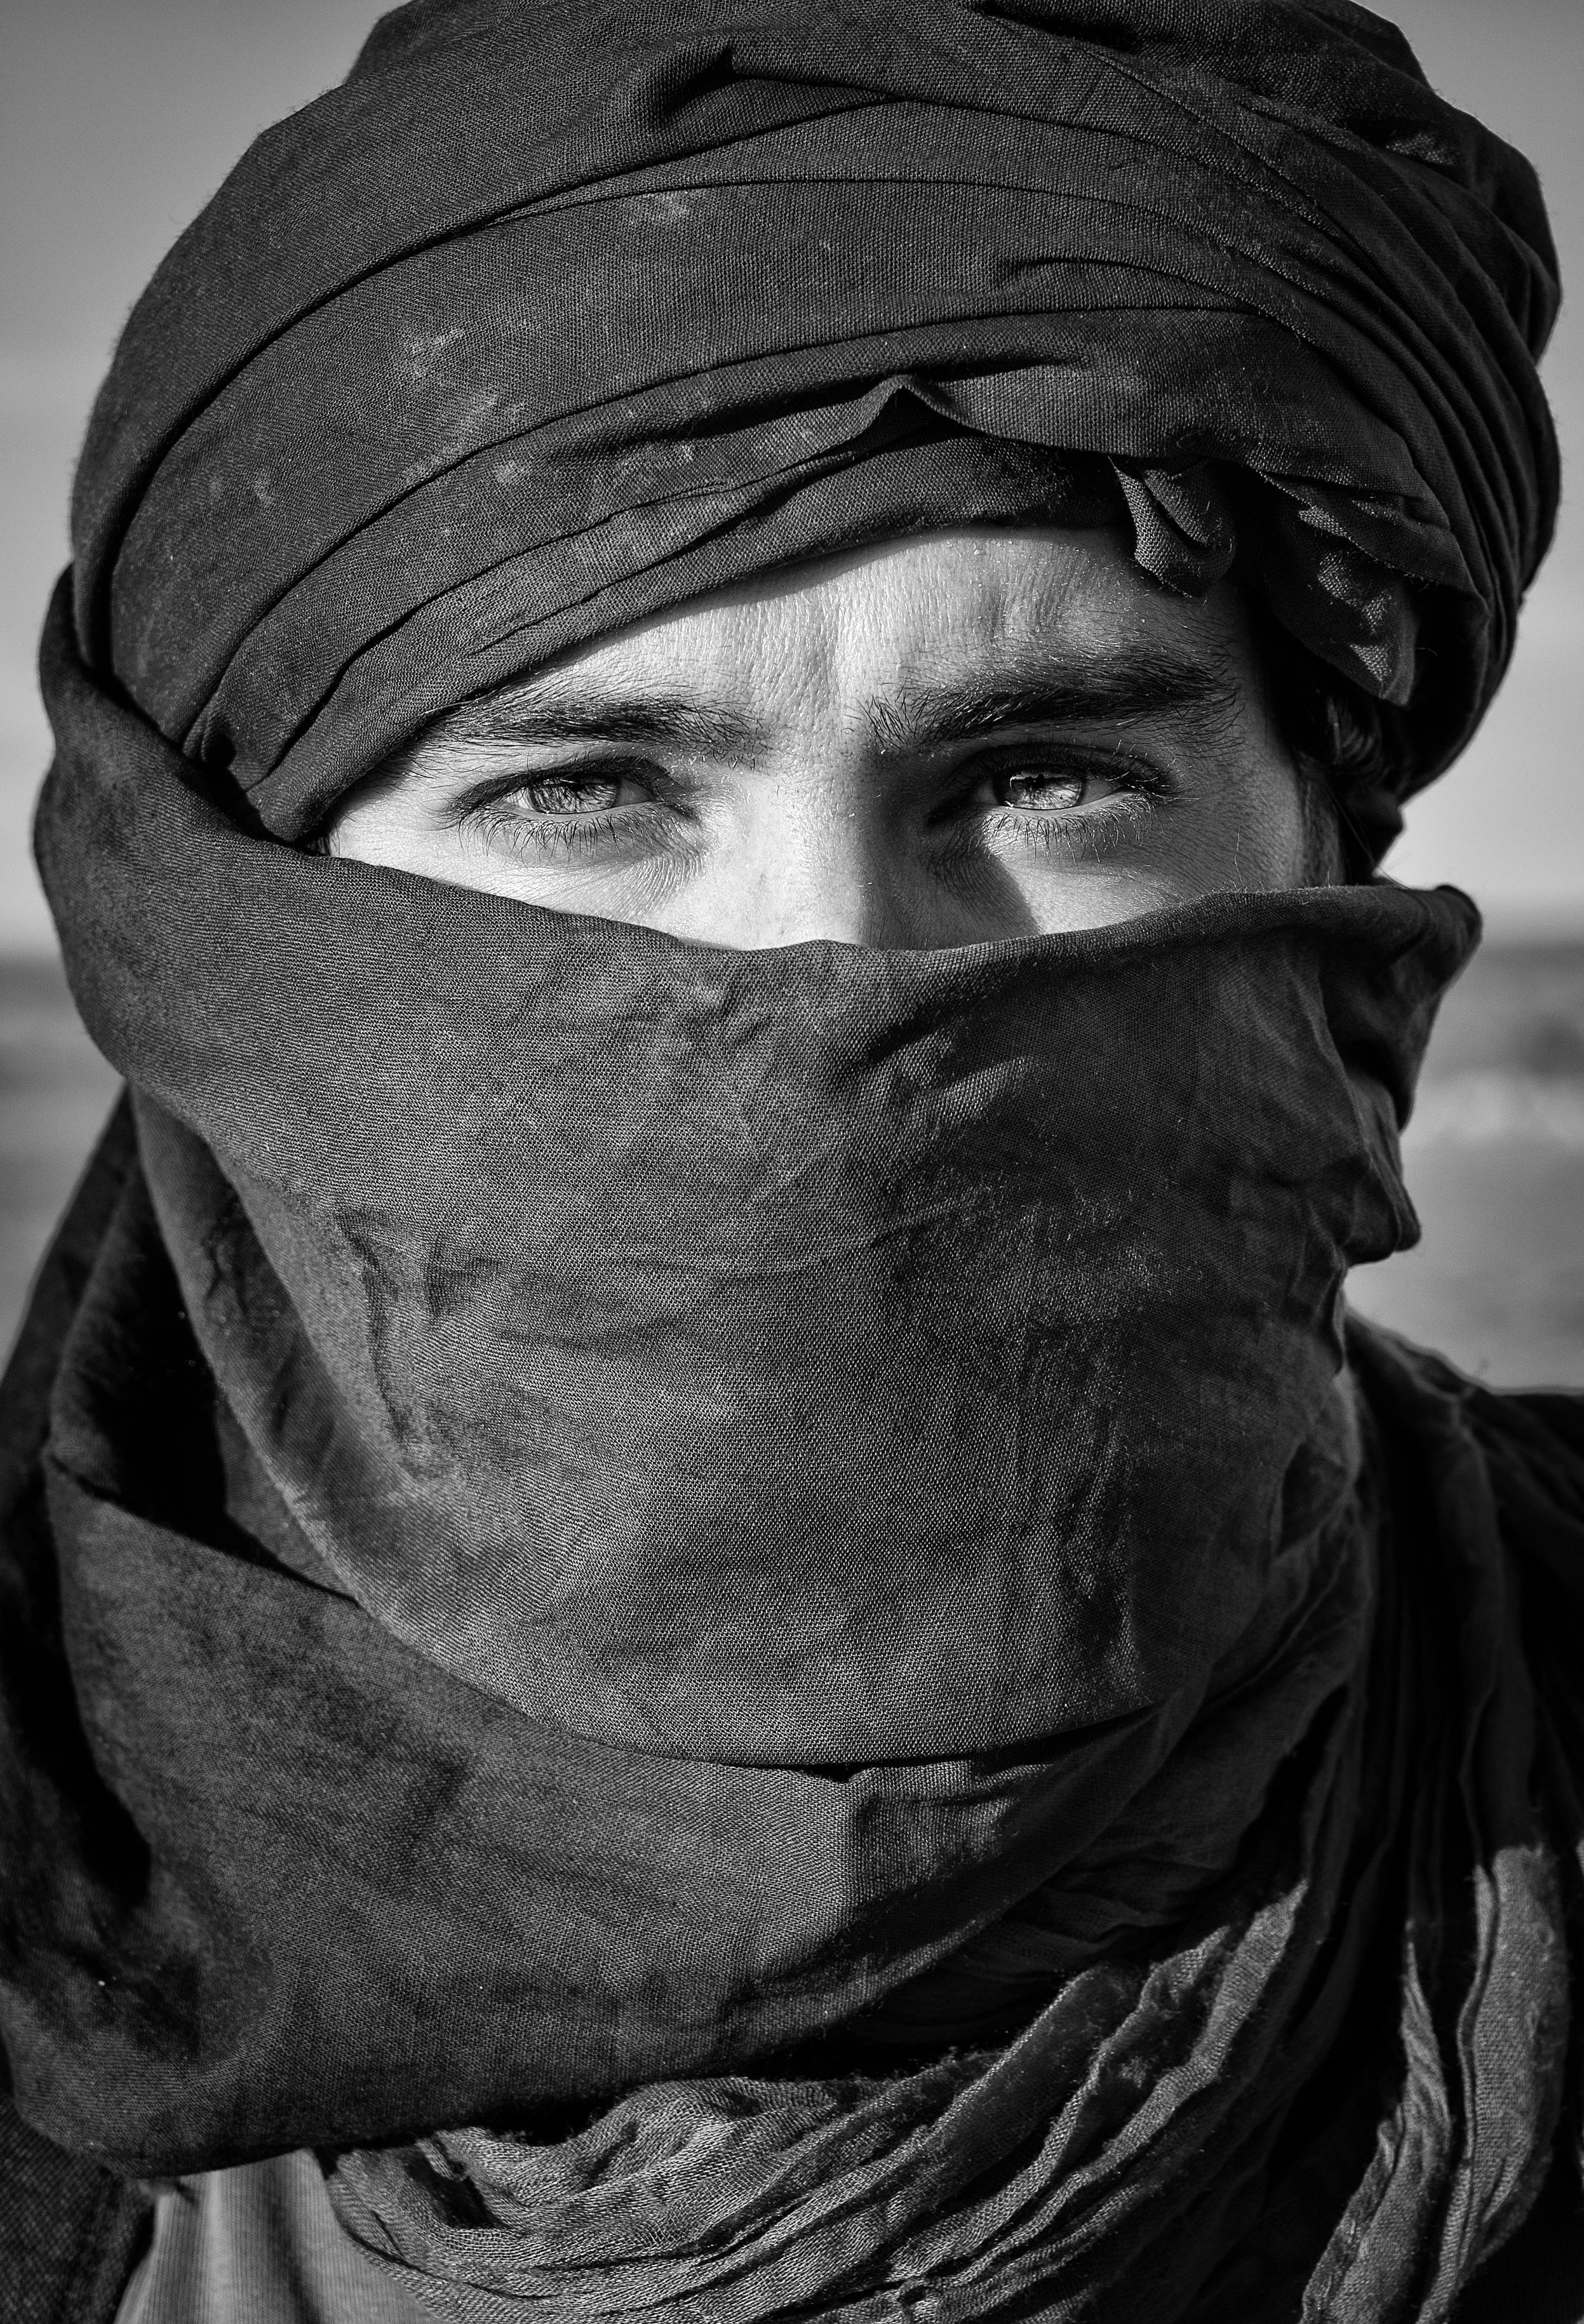 Amico Berbero